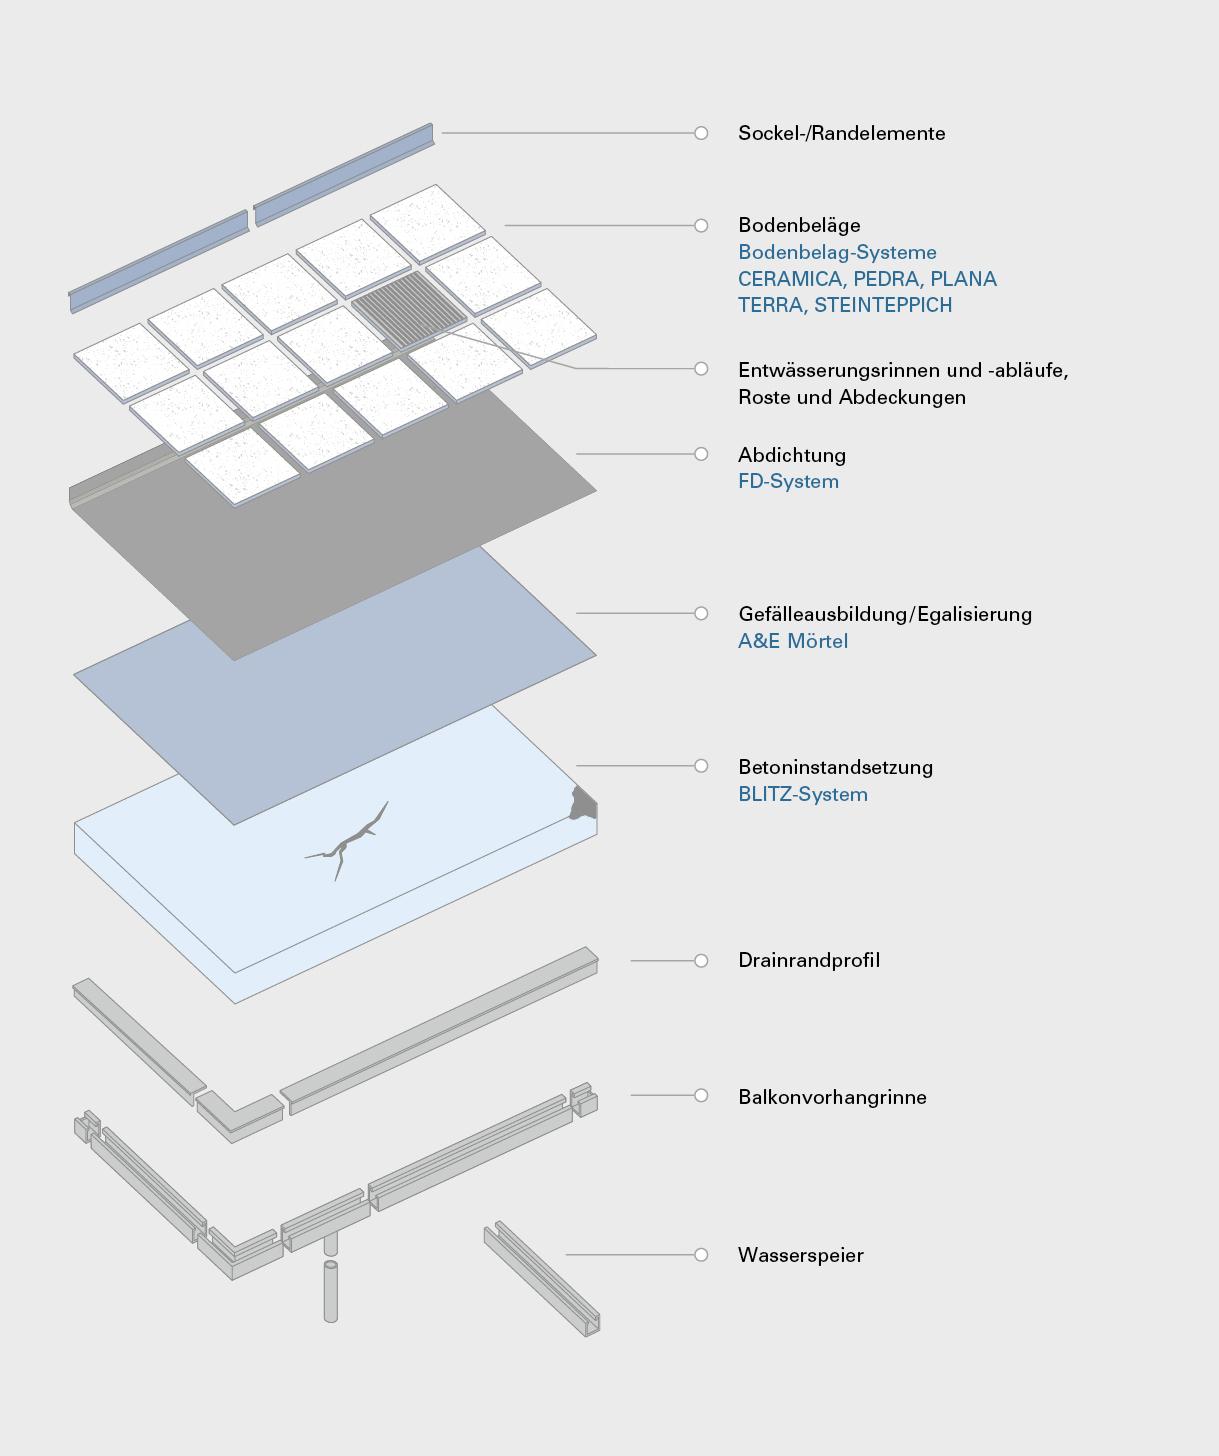 Infografik zeigt Bodenbeläge und Zubehör für Balkone